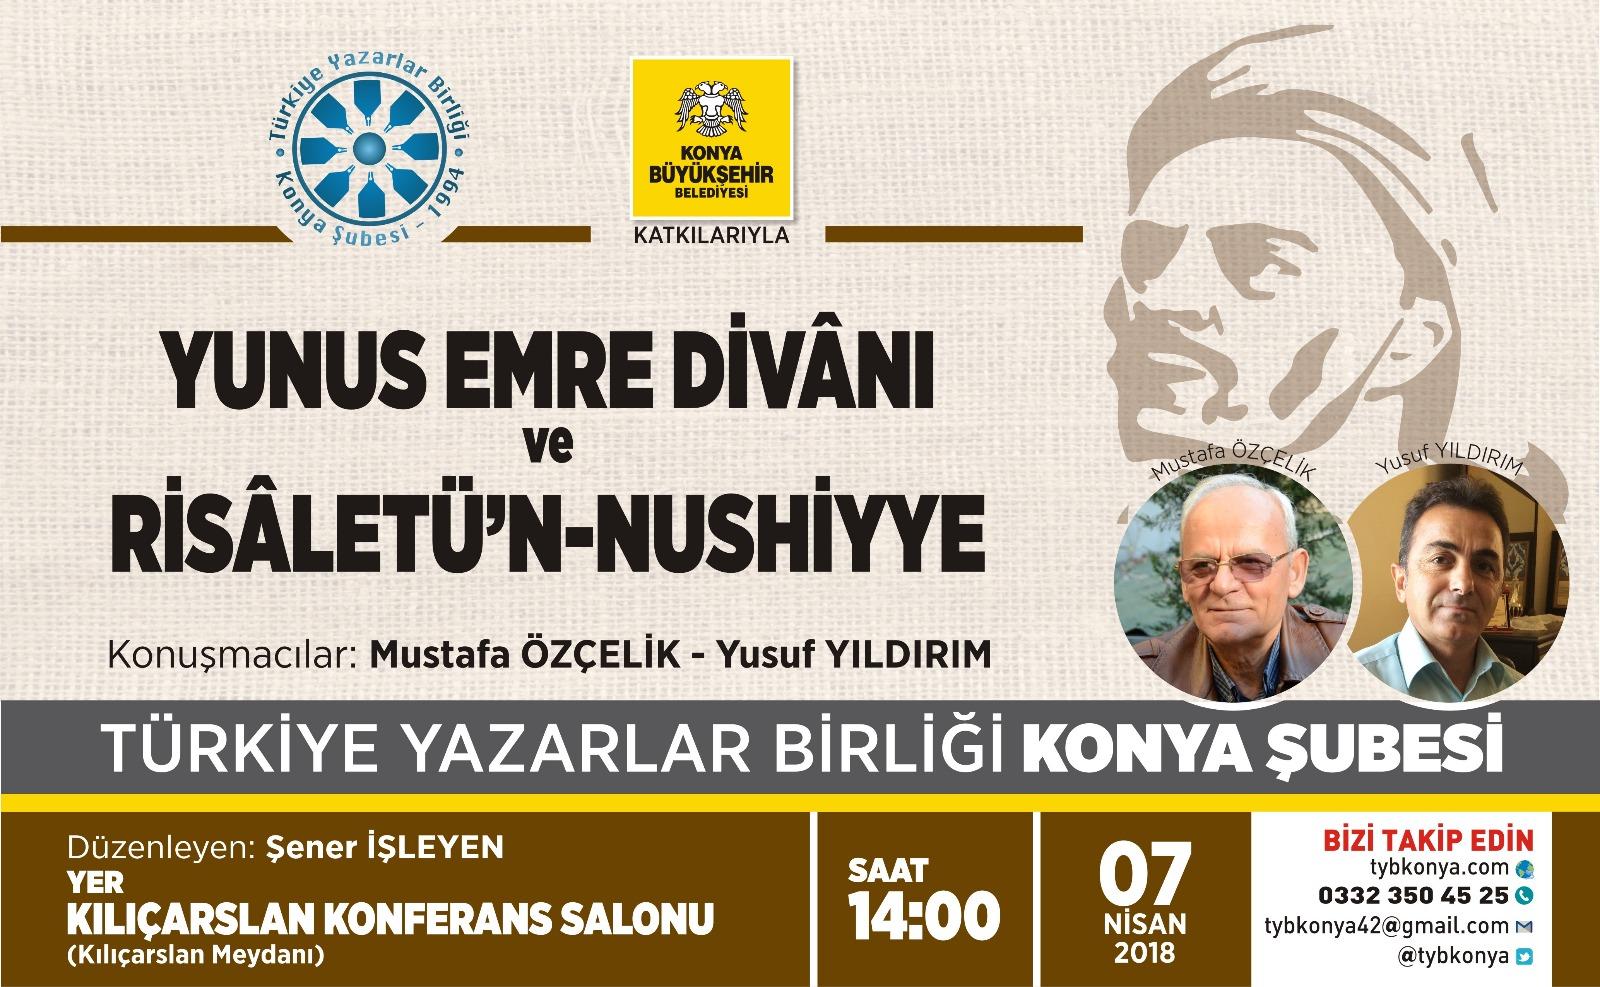 Konya Şubesi'nde Yunus Emre Divânı Risâletü'n-Nushiyye